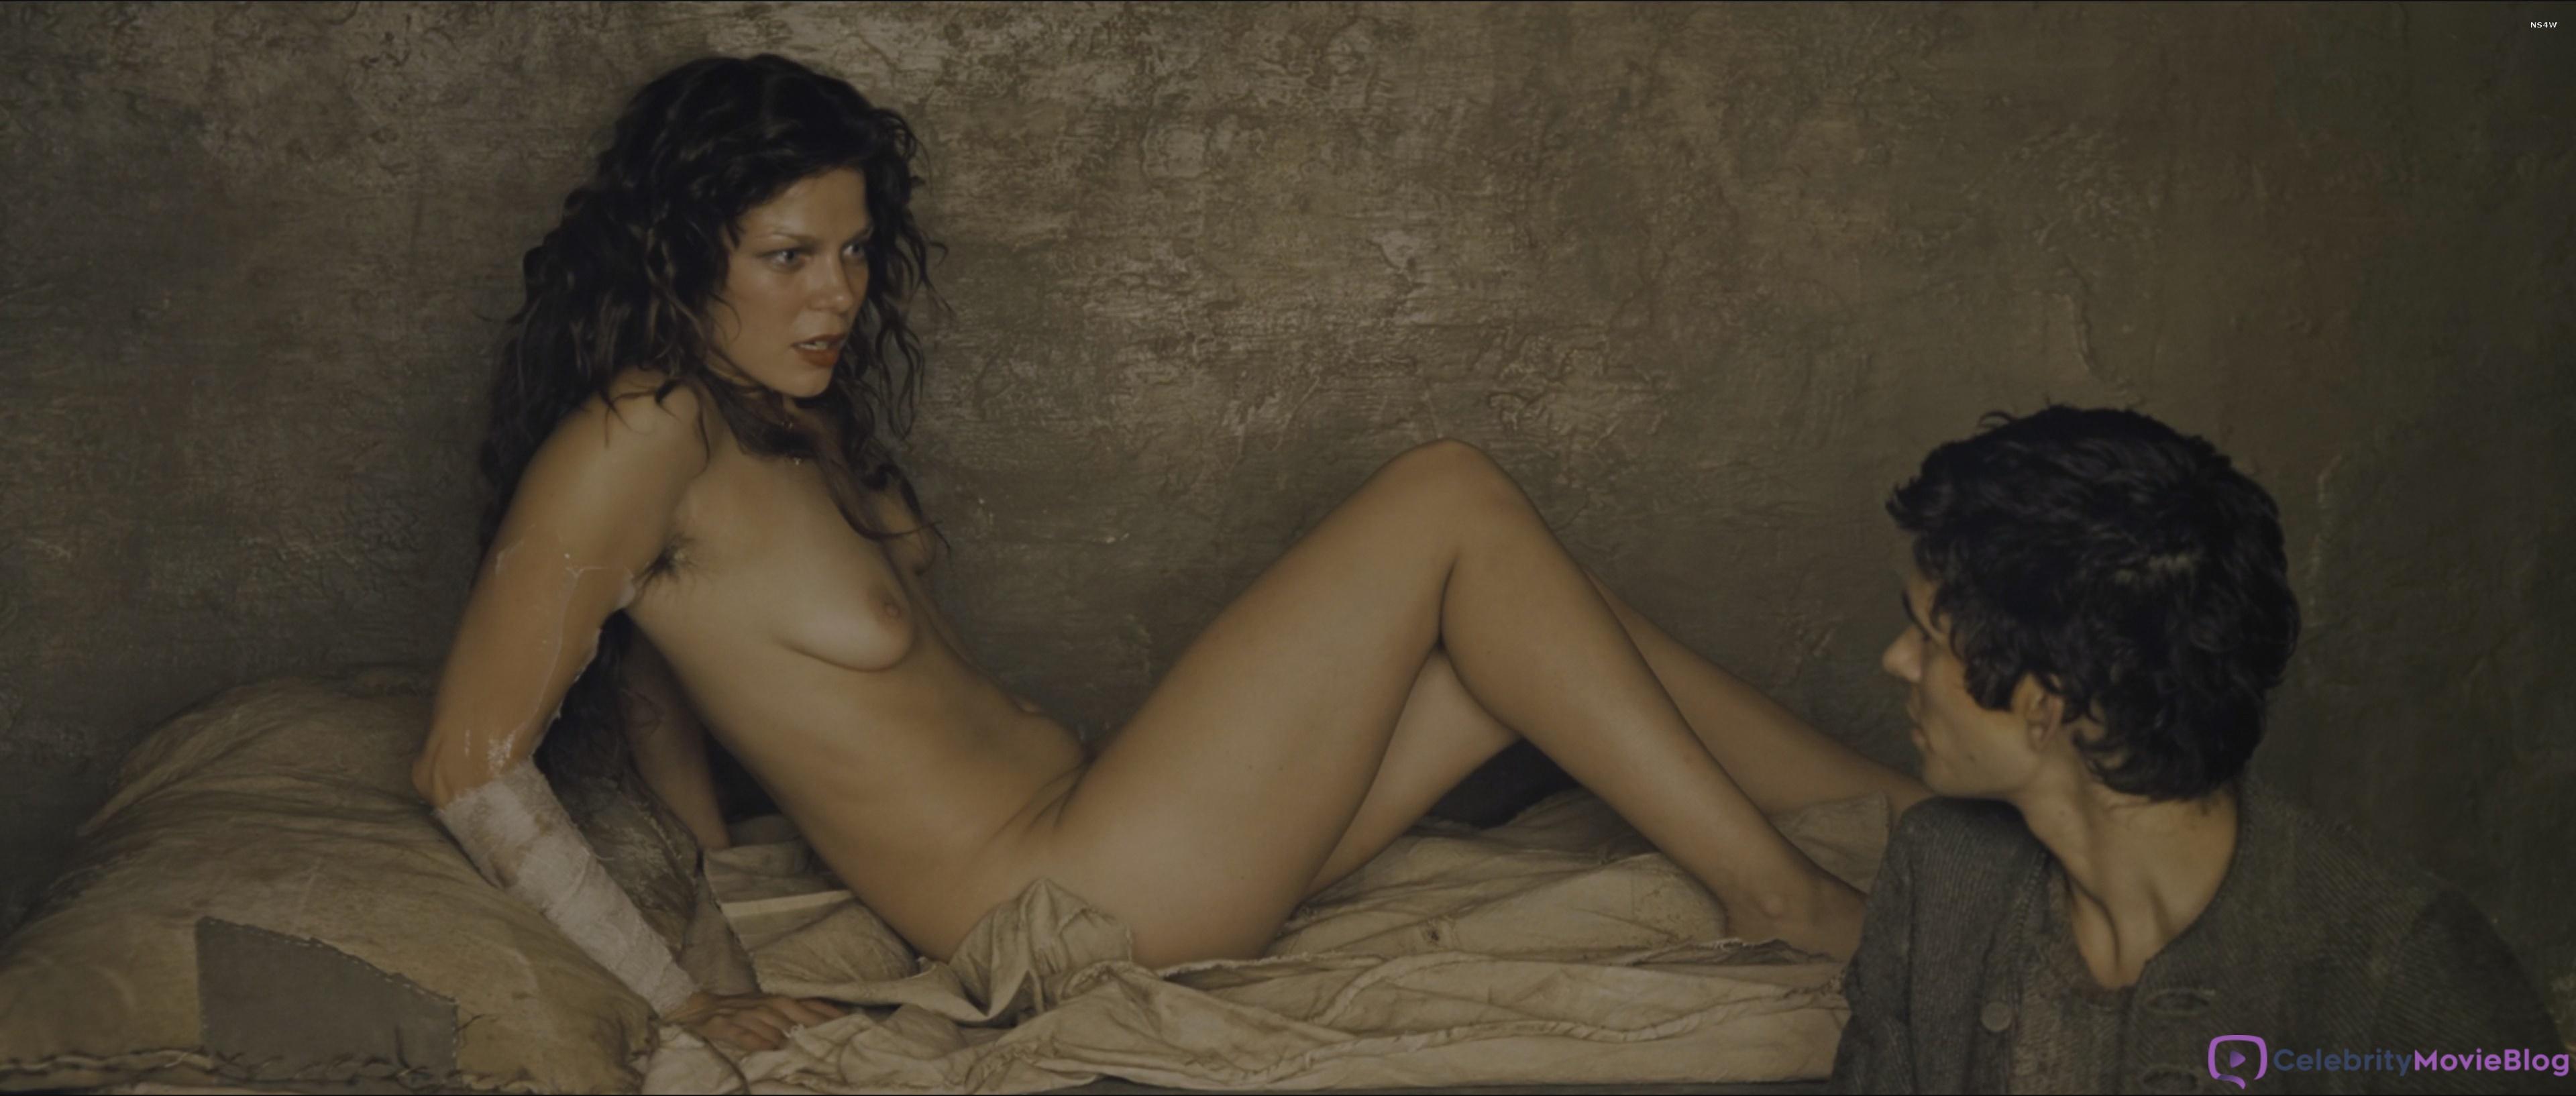 Nude jessica schwarz Jessica Schwarz